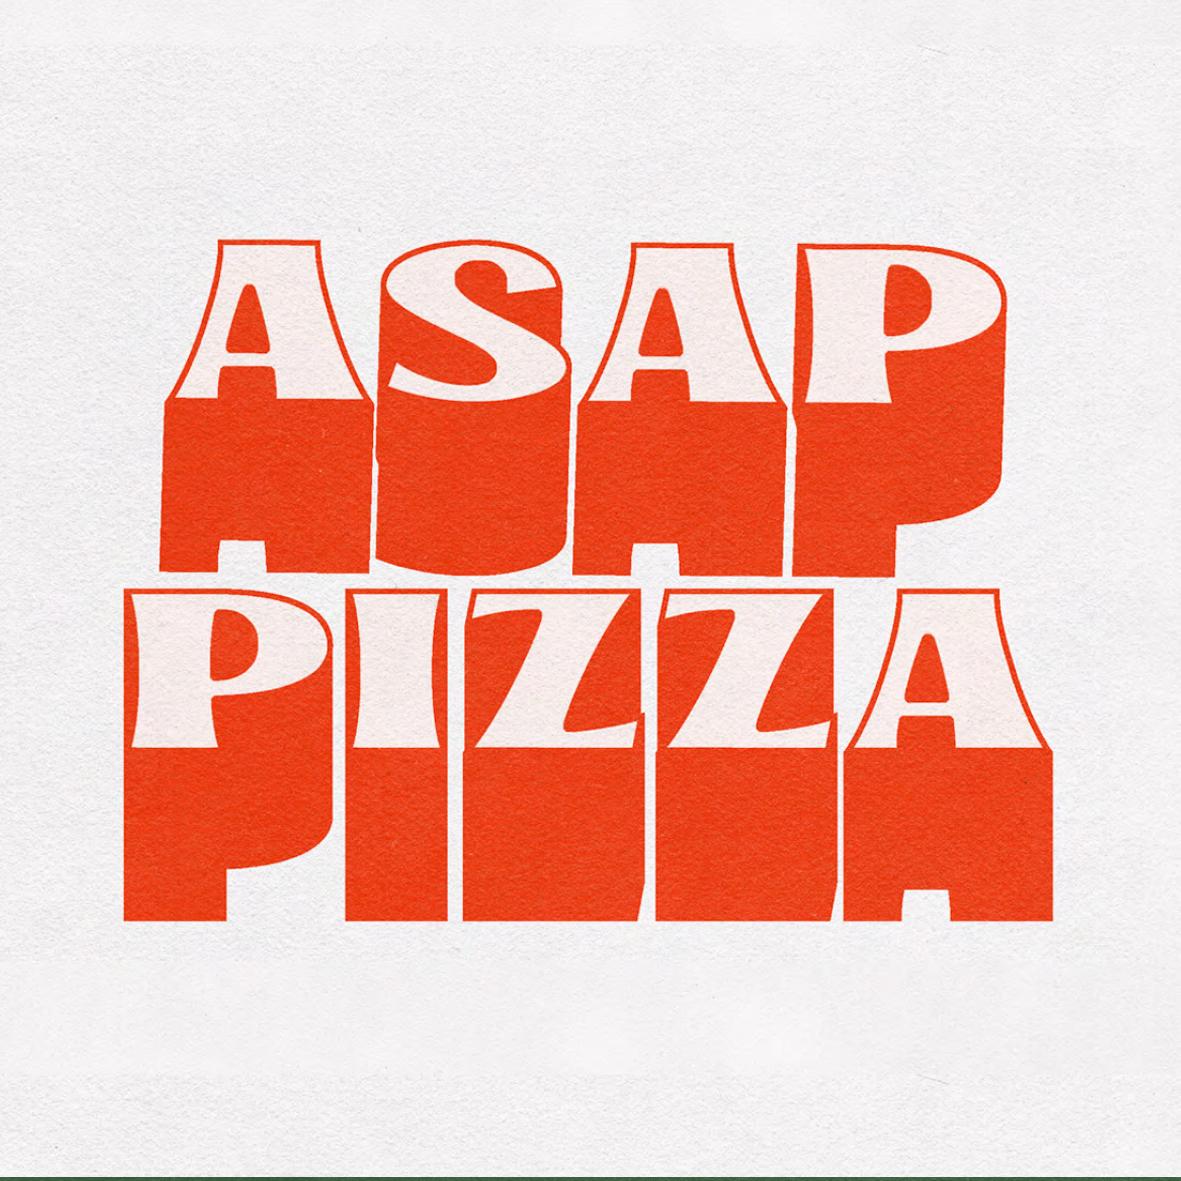 ASAP Pizza logo